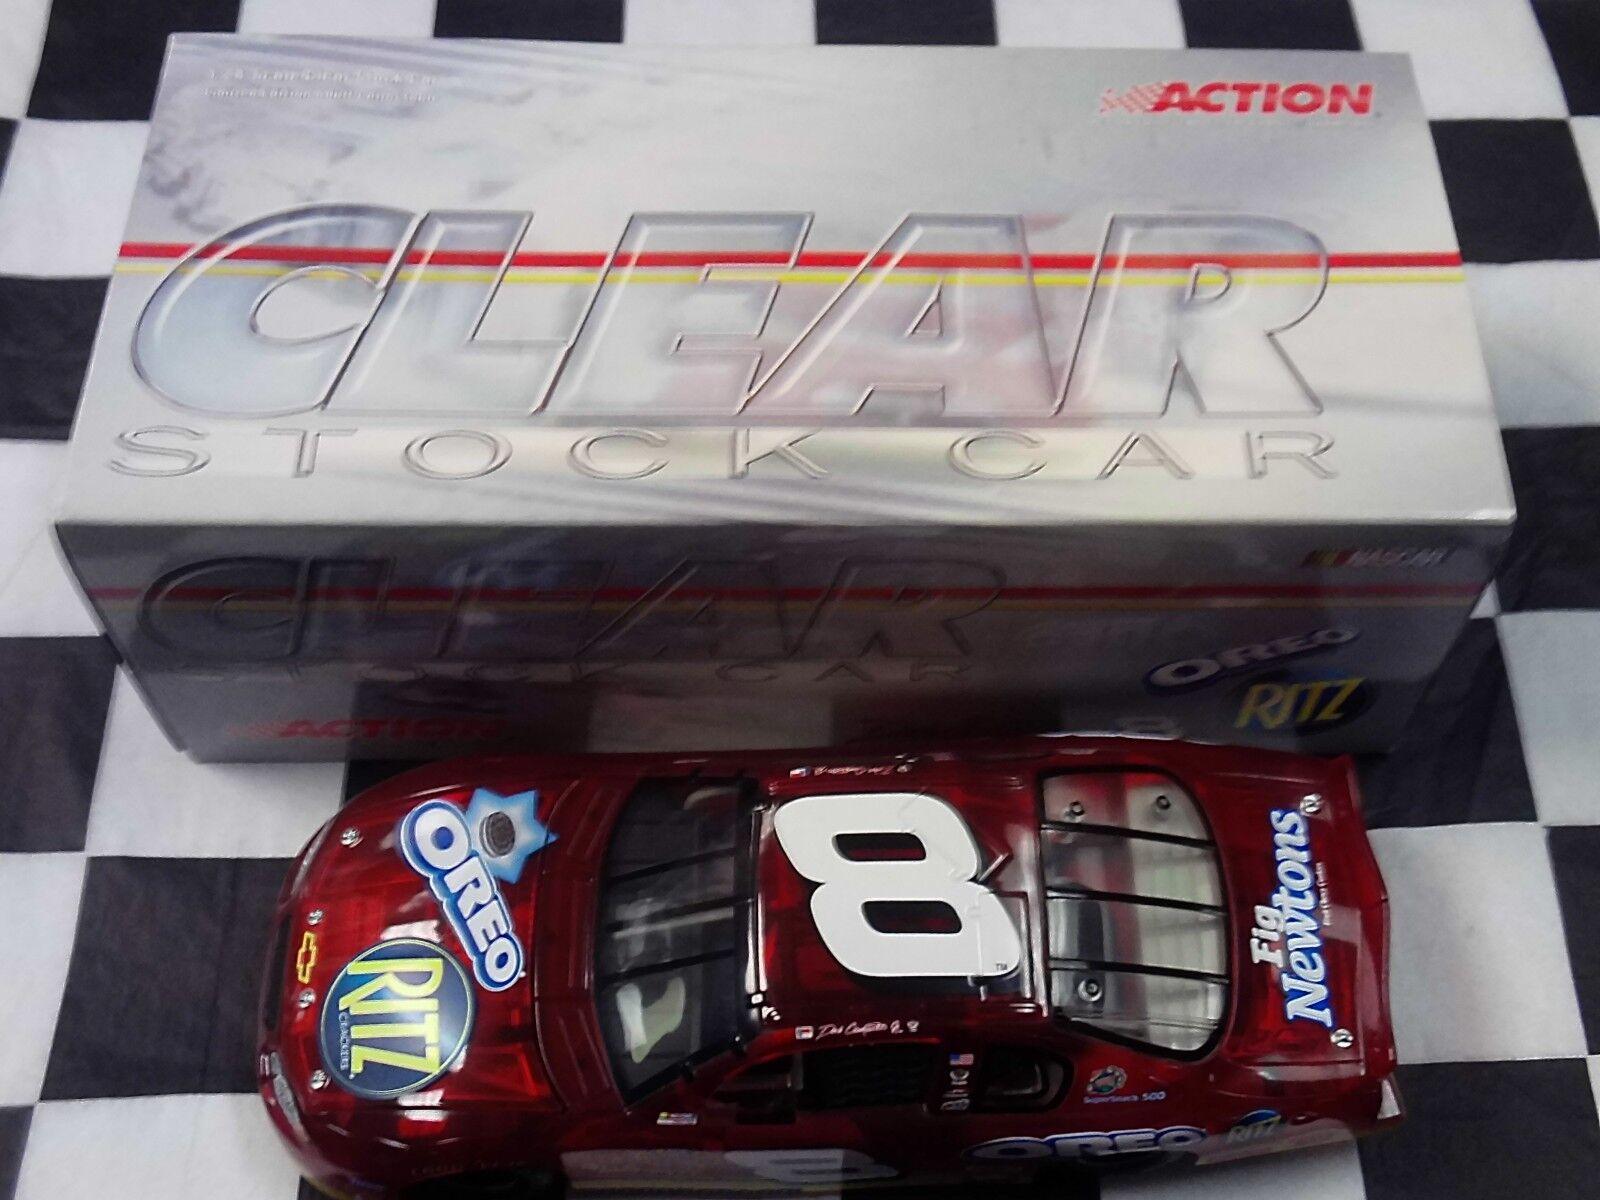 Dale Earnhardt  Jr  8 RITZ Oreo 2003 MONTE voitureLO 1 24 Action nouveau IN BOX 103502 Clair  acheter 100% de qualité authentique